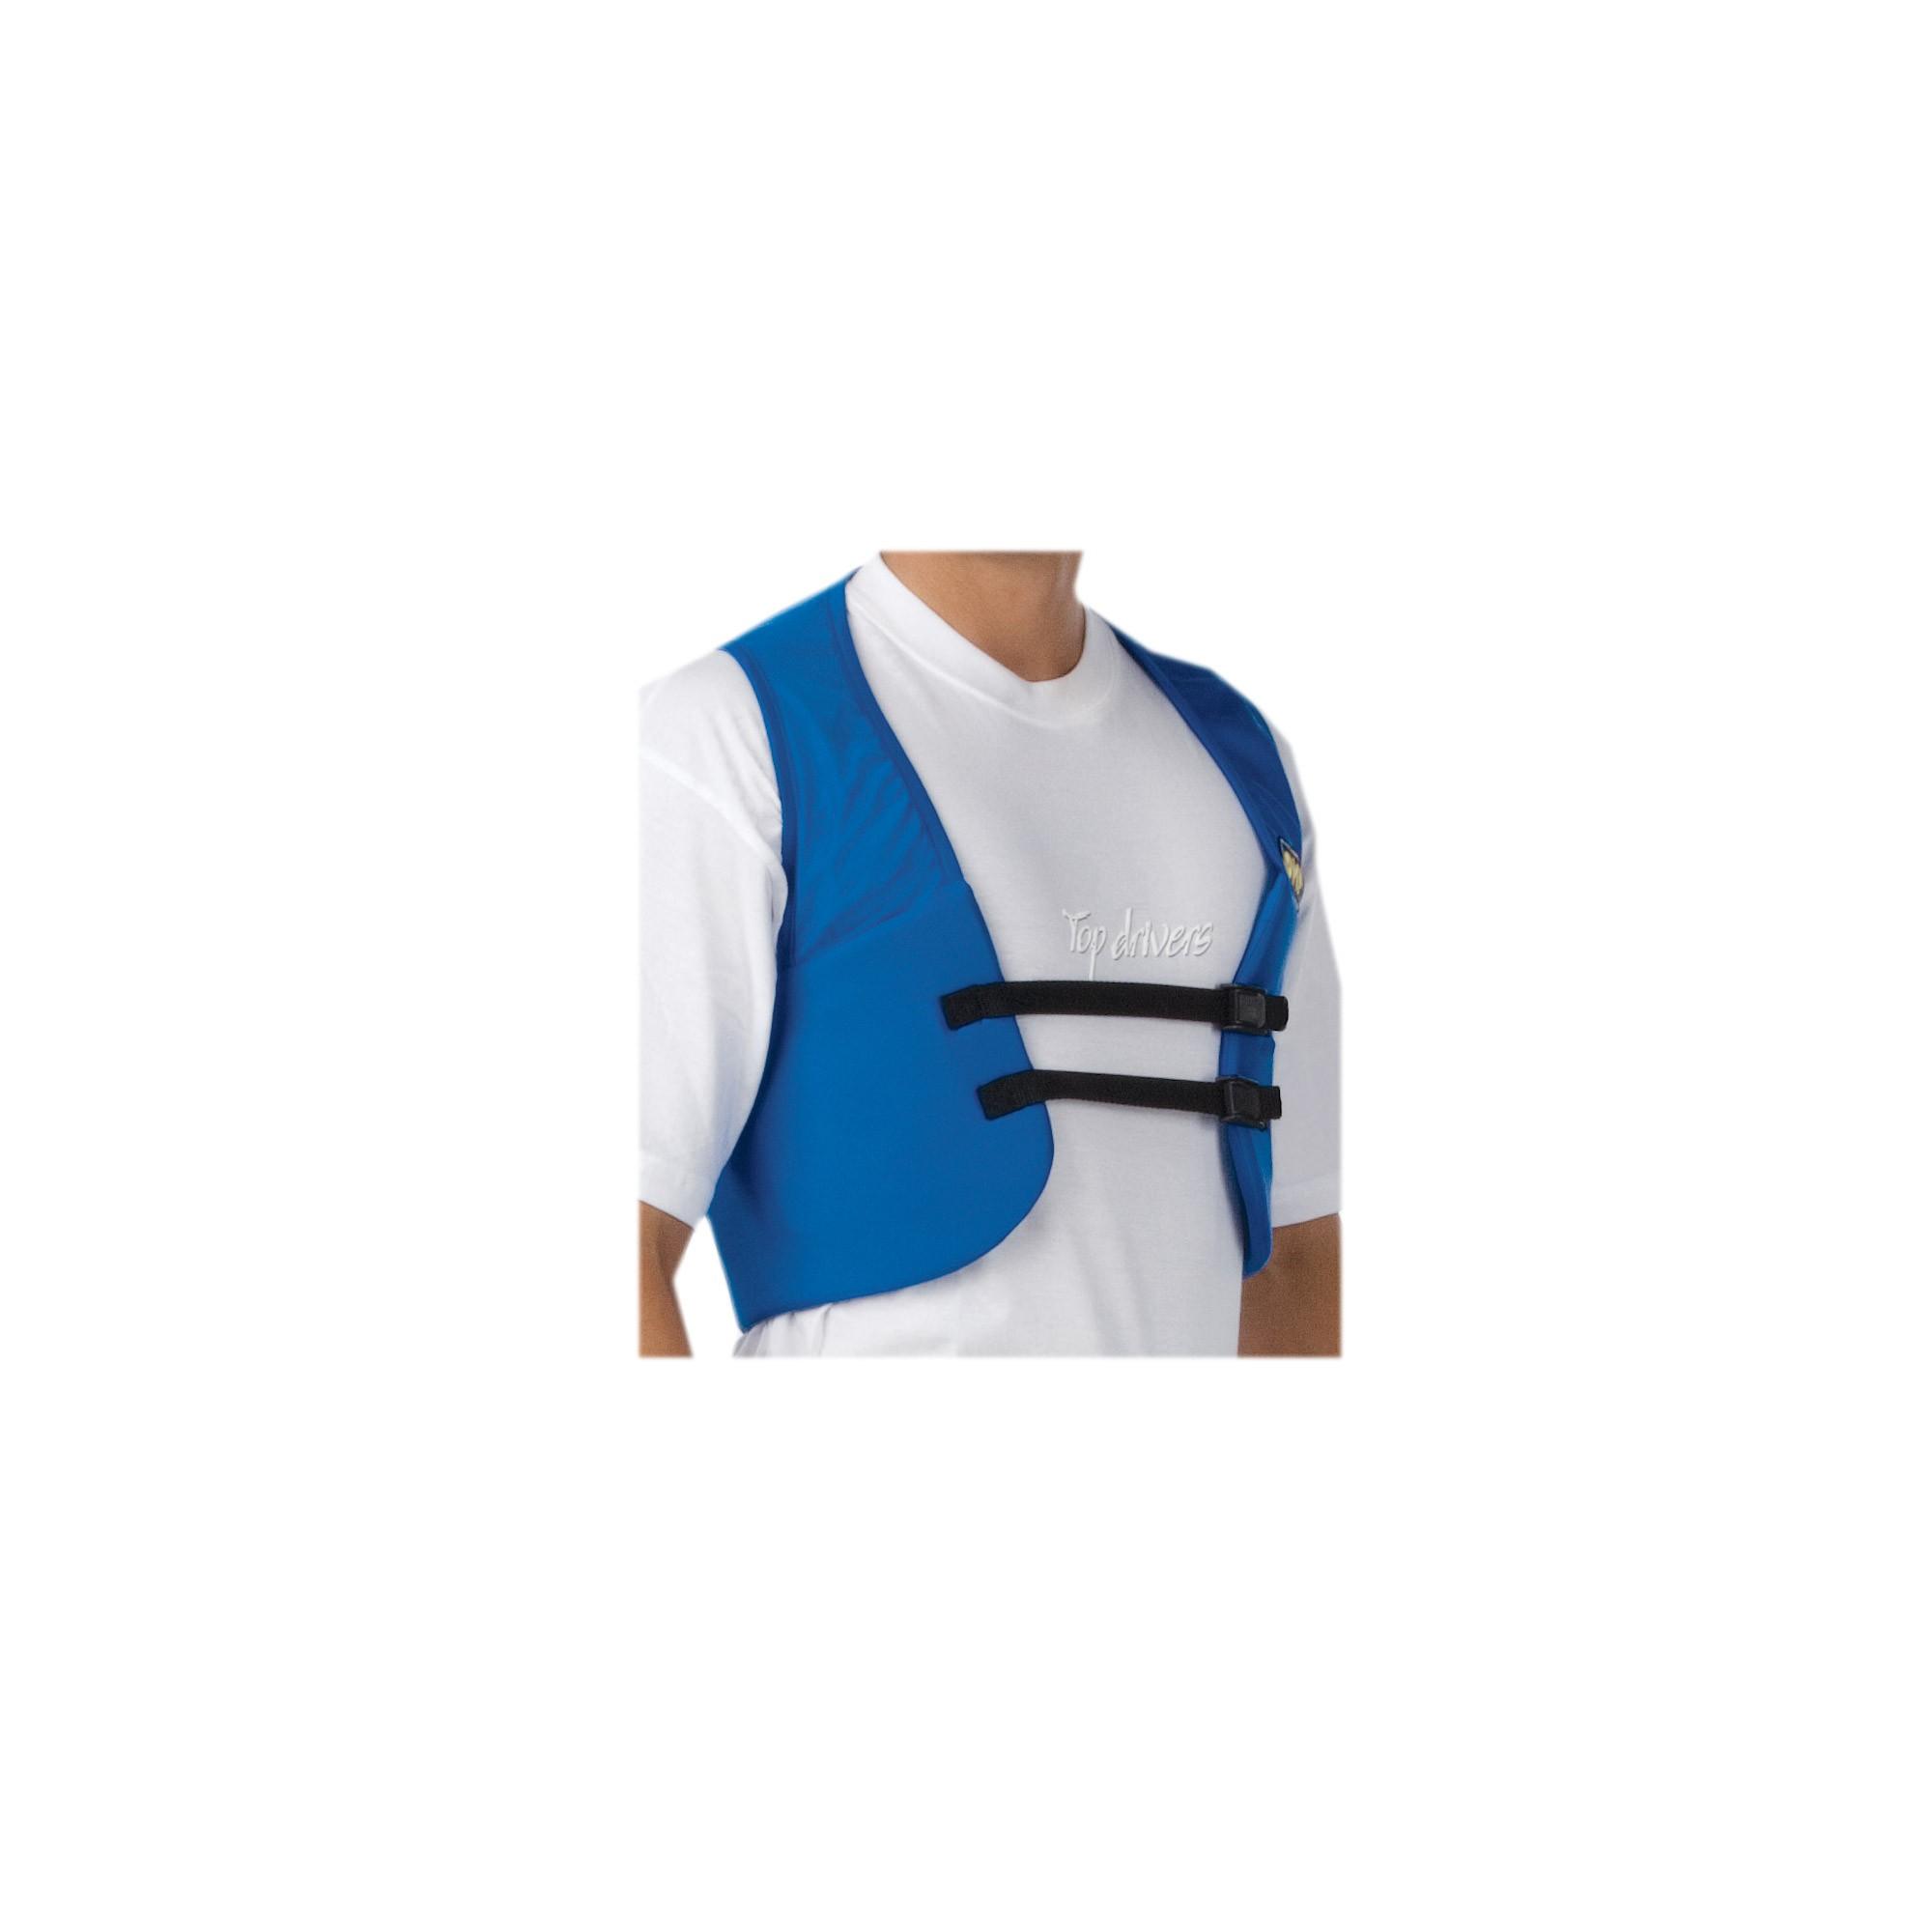 RIB PROTECTION WAISTCOAT SIZE:LARGE BLUE ROYAL